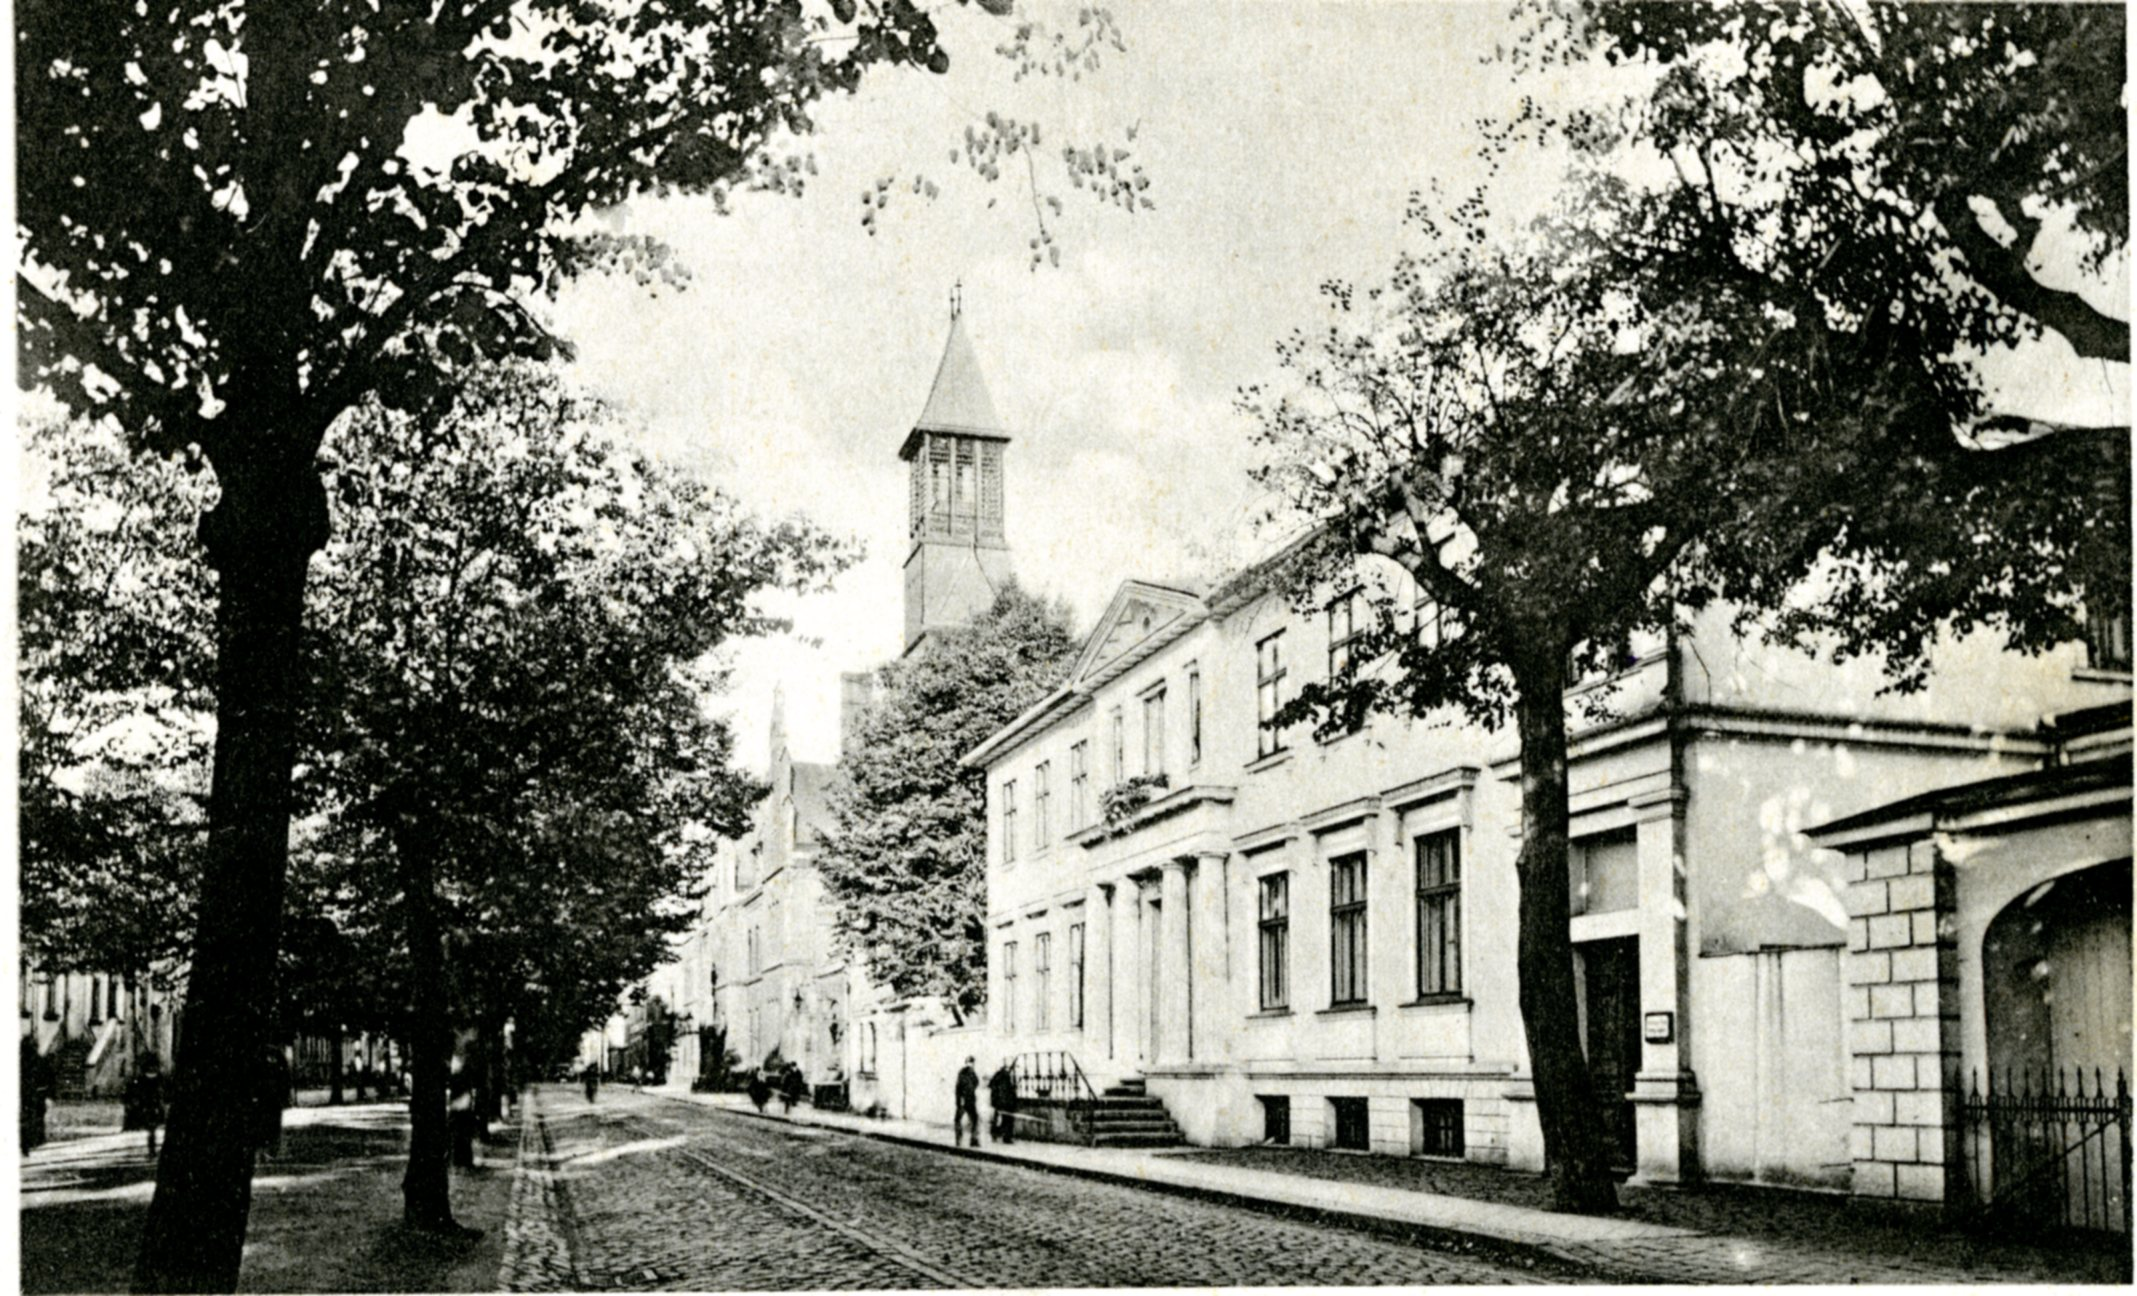 Liepų gatvė ir Laikrodžių muziejaus pastatas